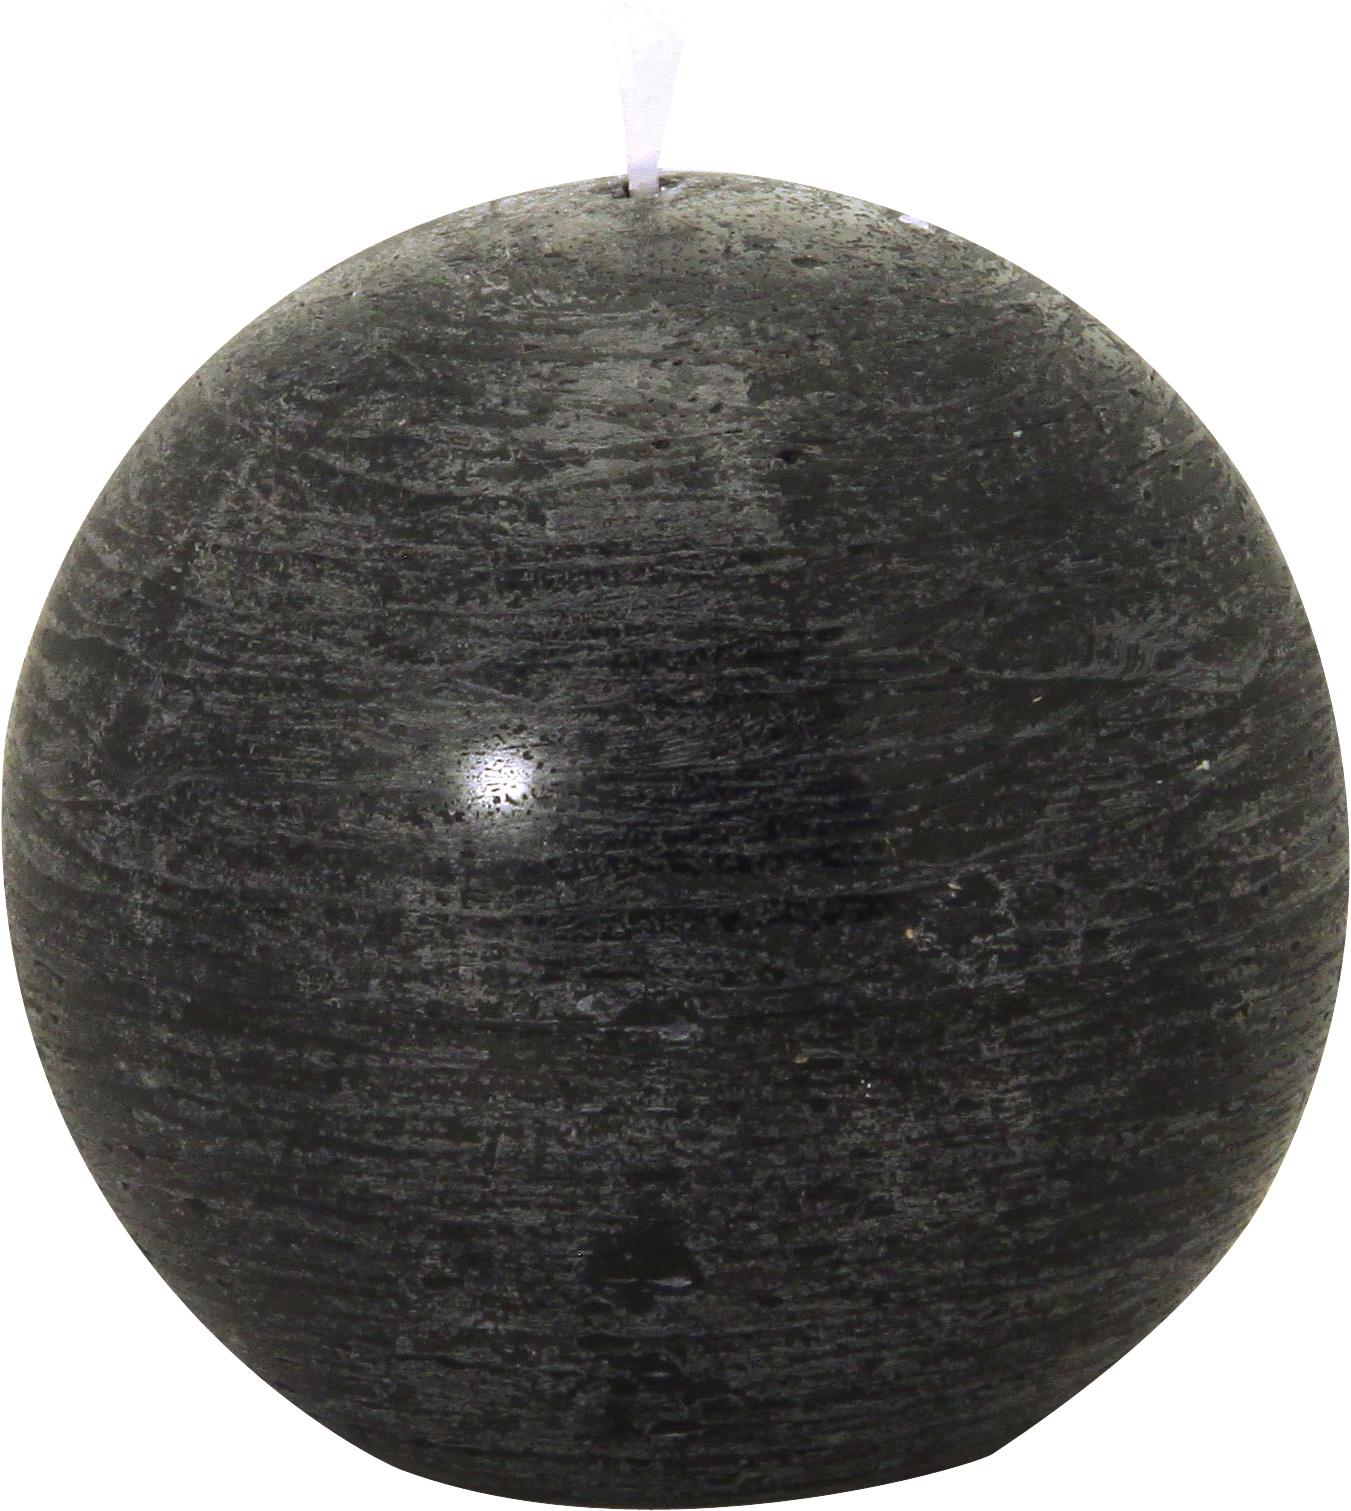 grande bougie boule rustique noir d coration anniversaire et f tes th me sur vegaoo party. Black Bedroom Furniture Sets. Home Design Ideas